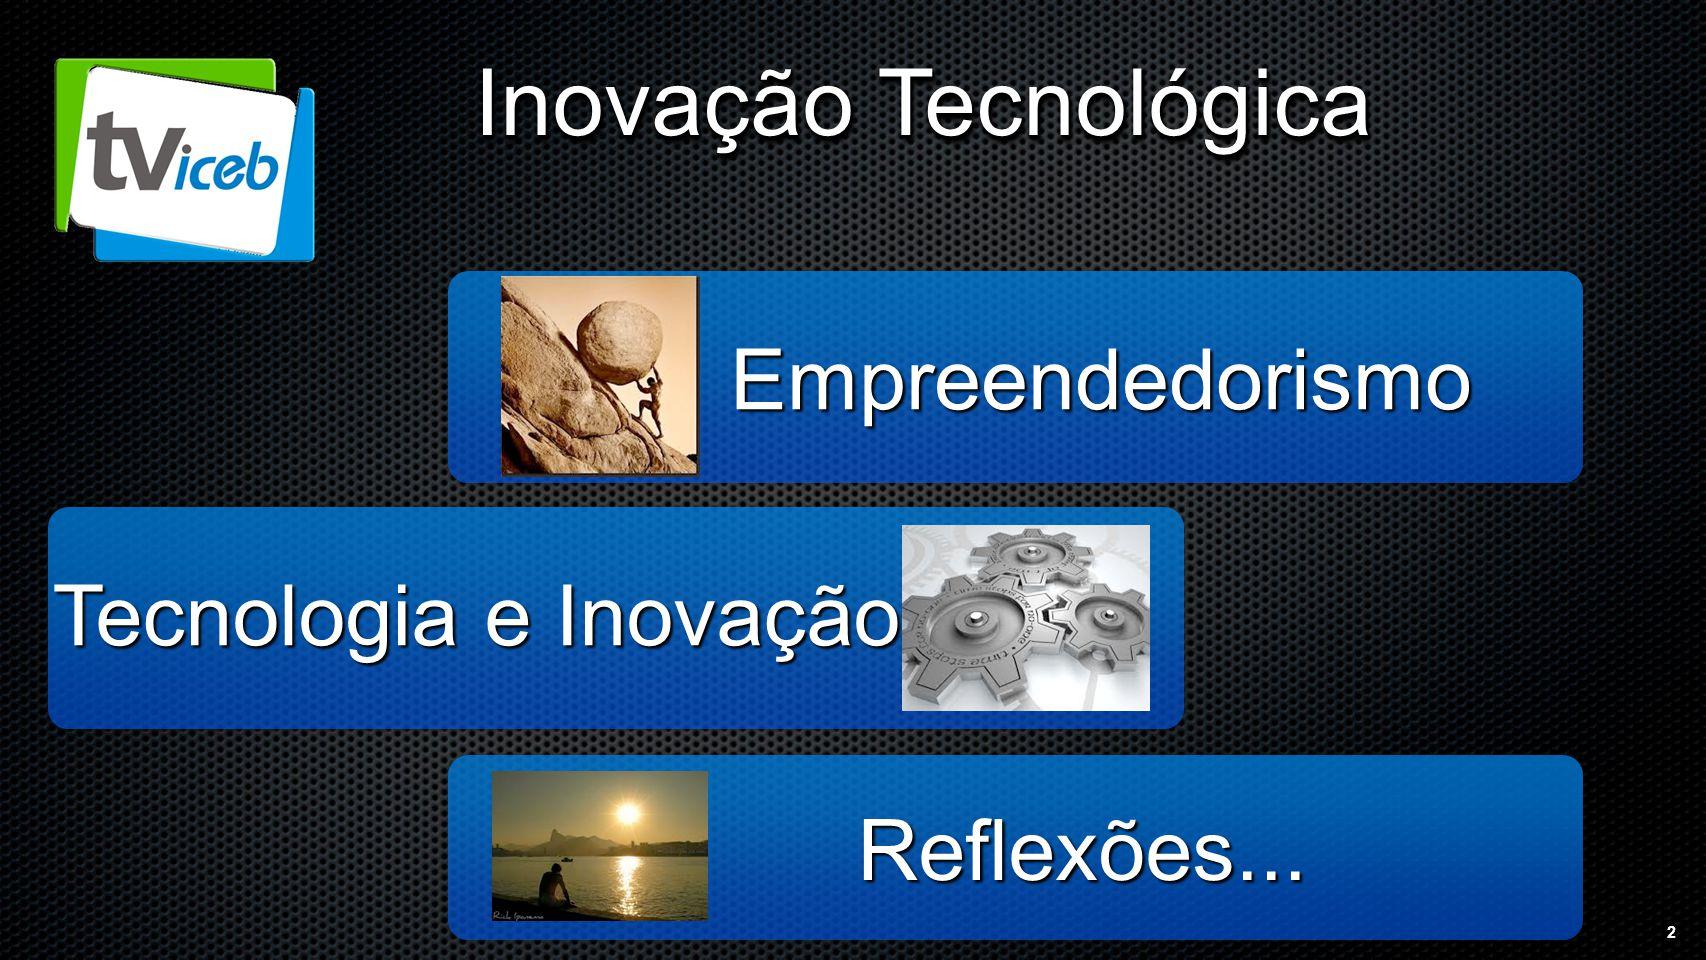 2 Tecnologia e Inovação Reflexões... Empreendedorismo Inovação Tecnológica